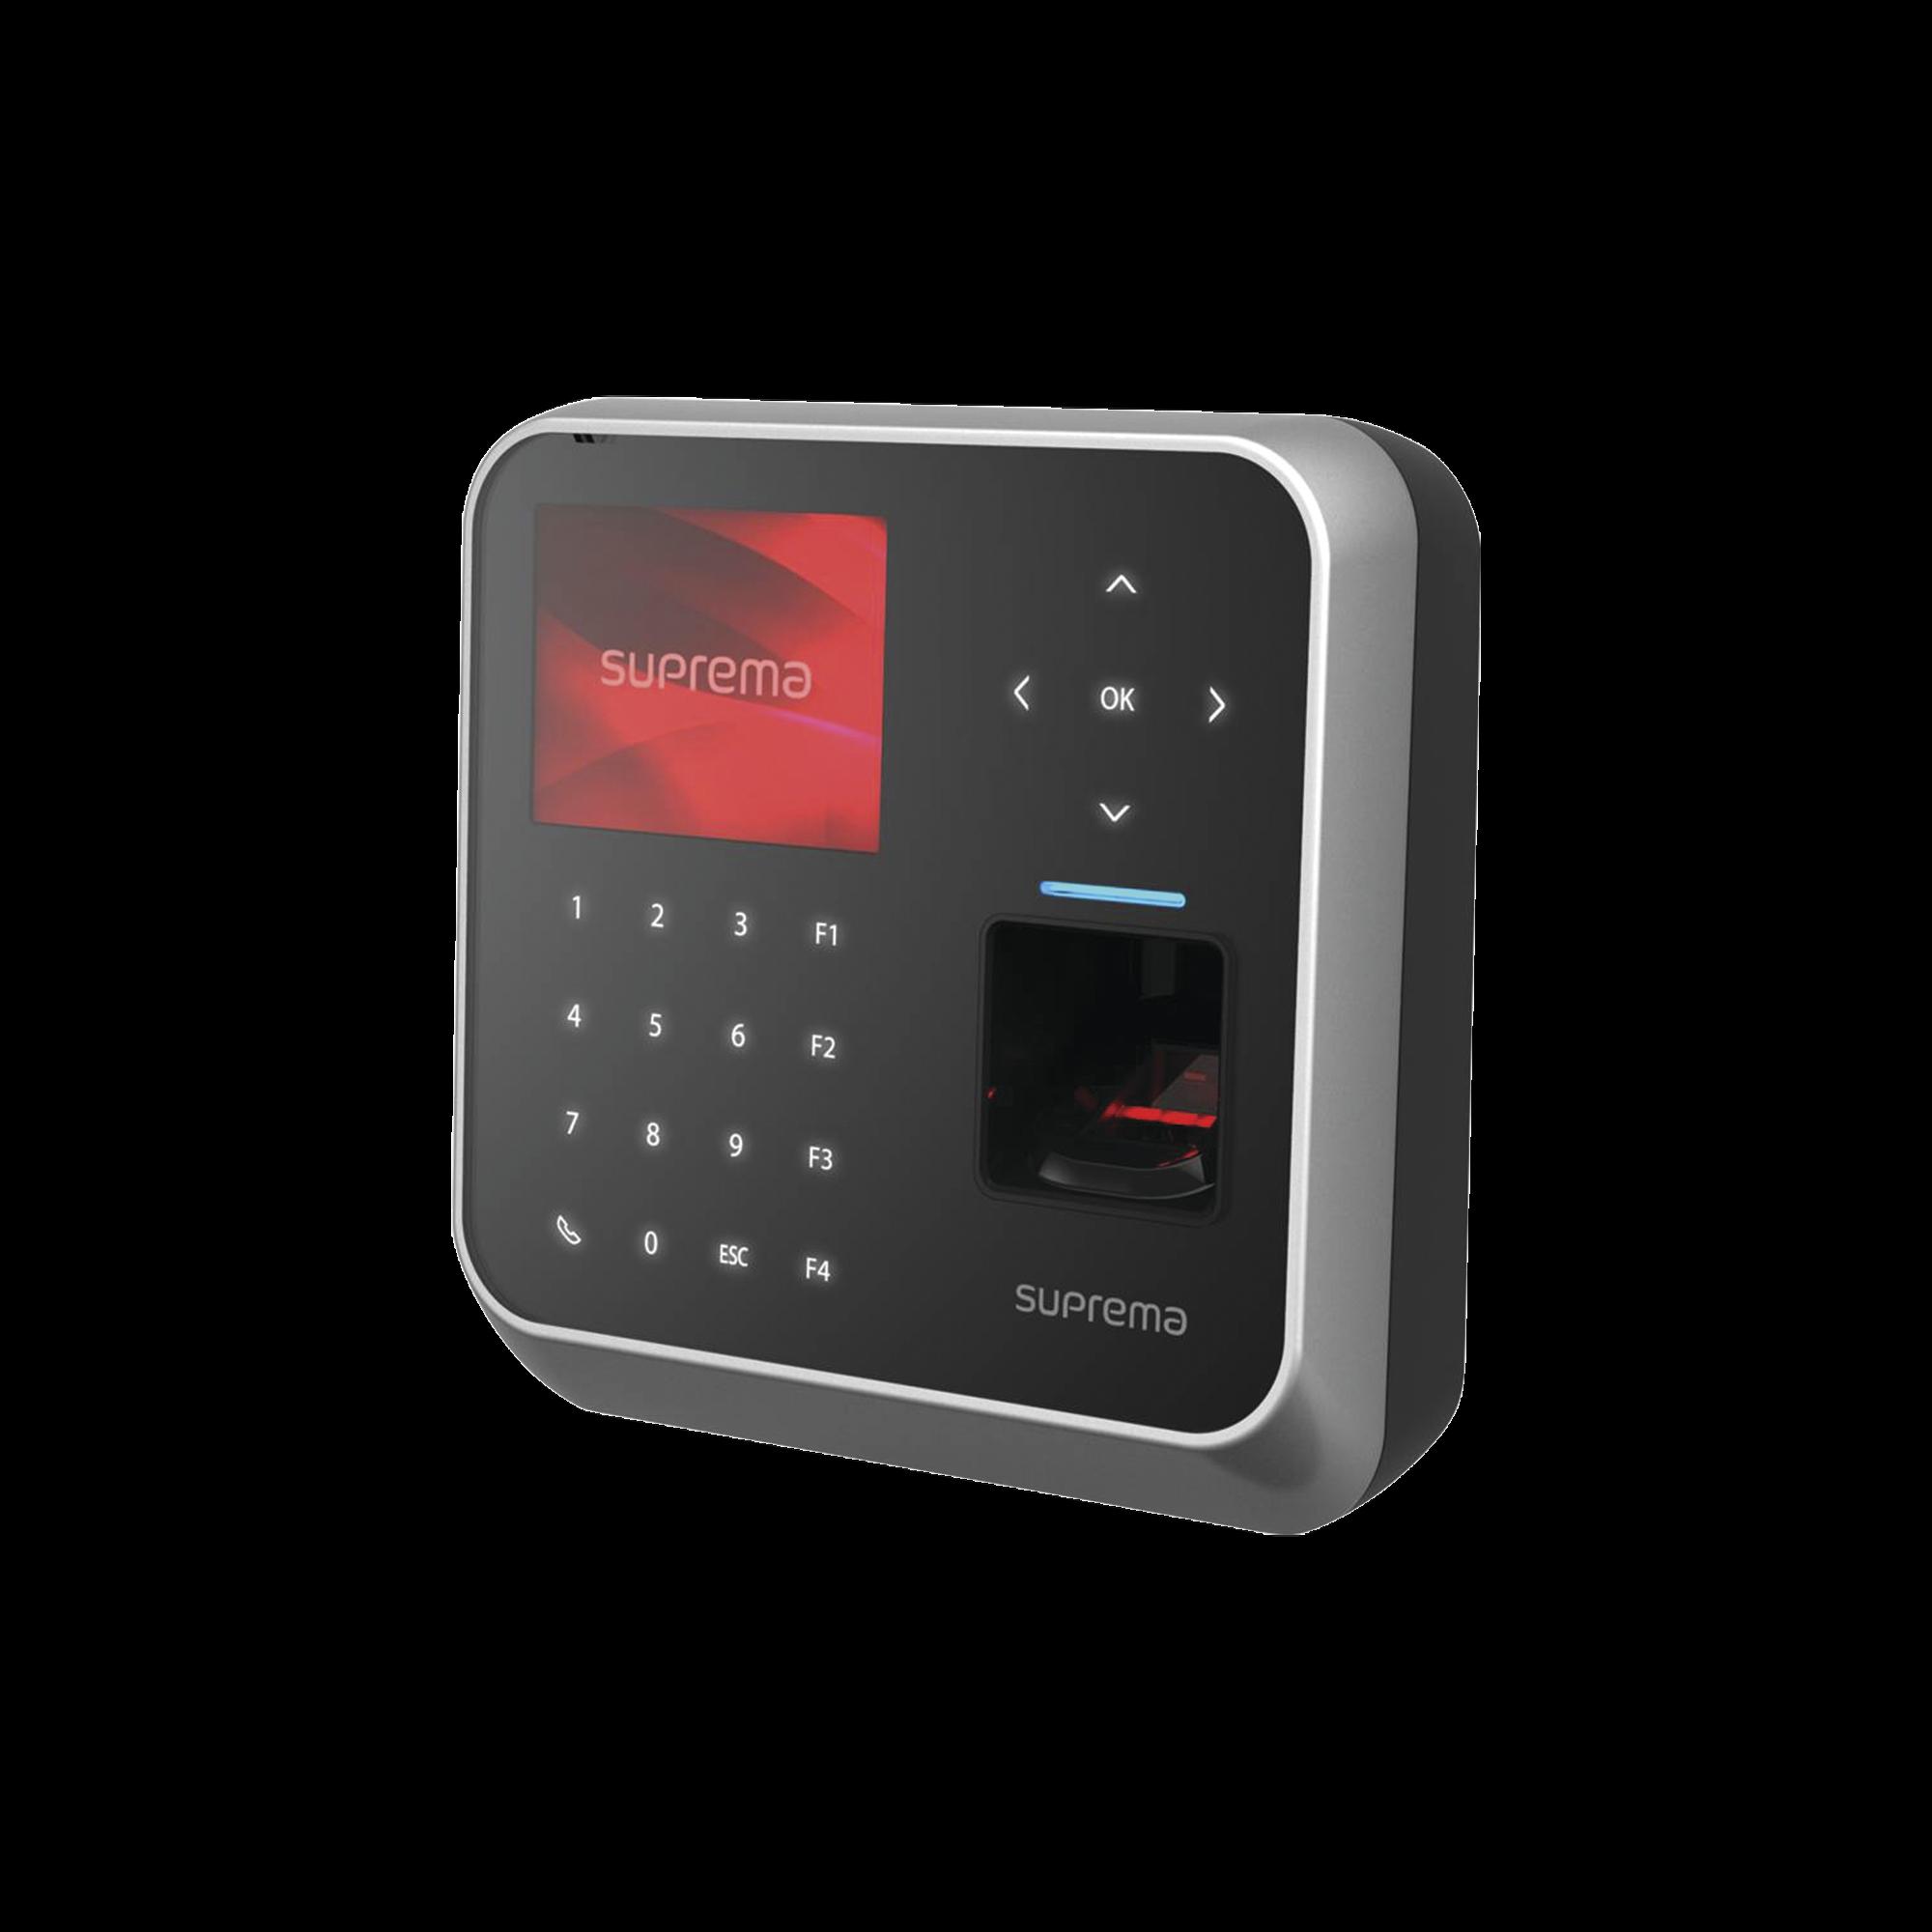 BioStation 2 Lector Ultramoderno de Huella, Lector 13.56MHz iClass SE y Teclado / WiFi /Protección IP65